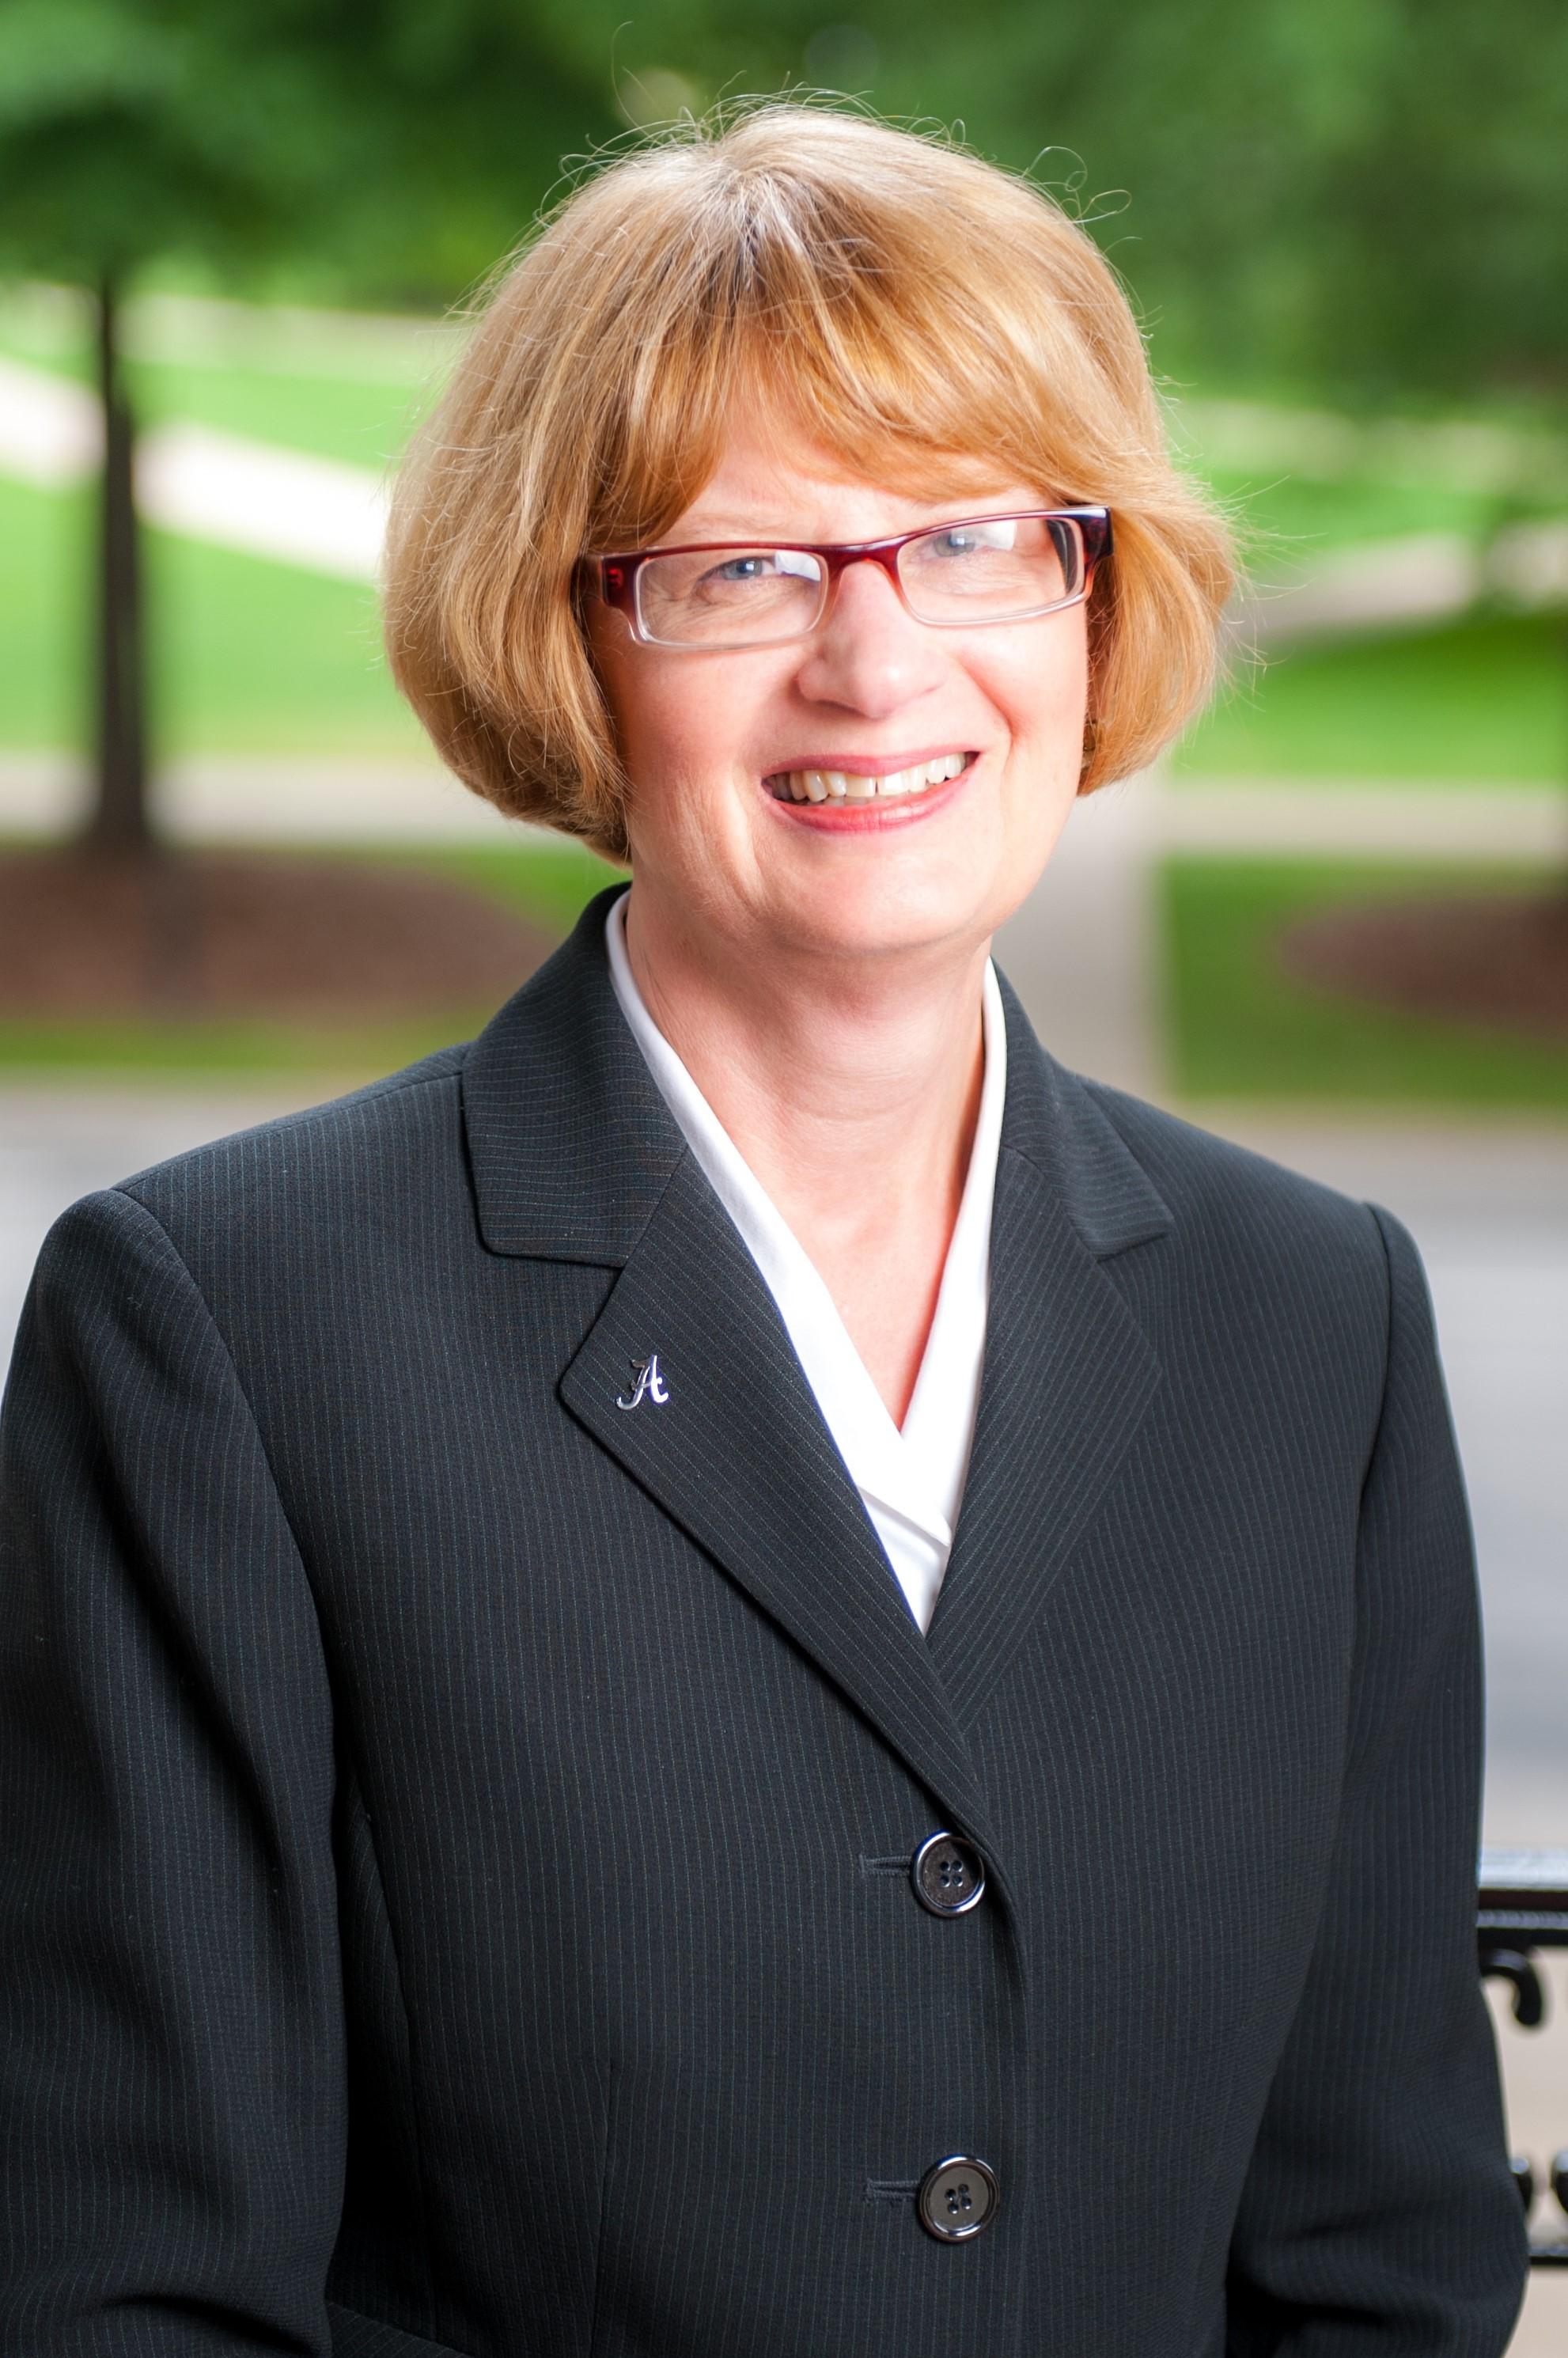 Dean Kay Palancopy